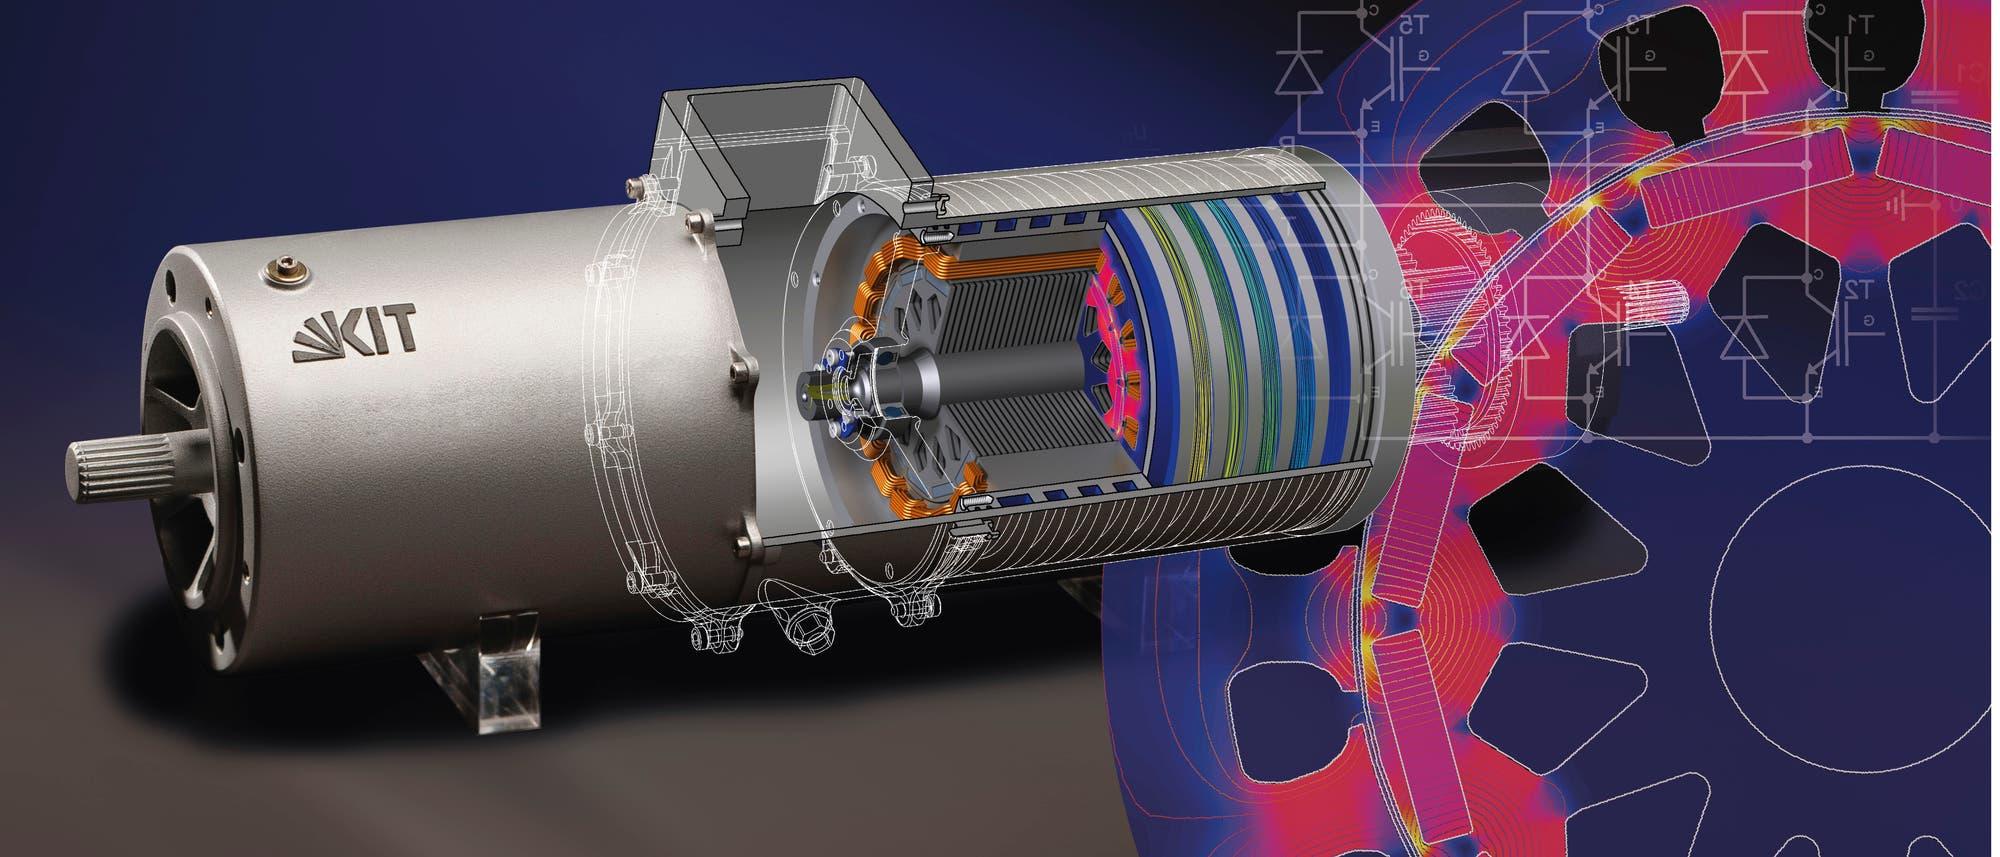 Um Elektroantriebe zu verbessern, simulieren die Konstrukteure im Computer detailliert, wie sich die Magnetfelder, die elektronischen Schaltungen und die Materialien verhalten.